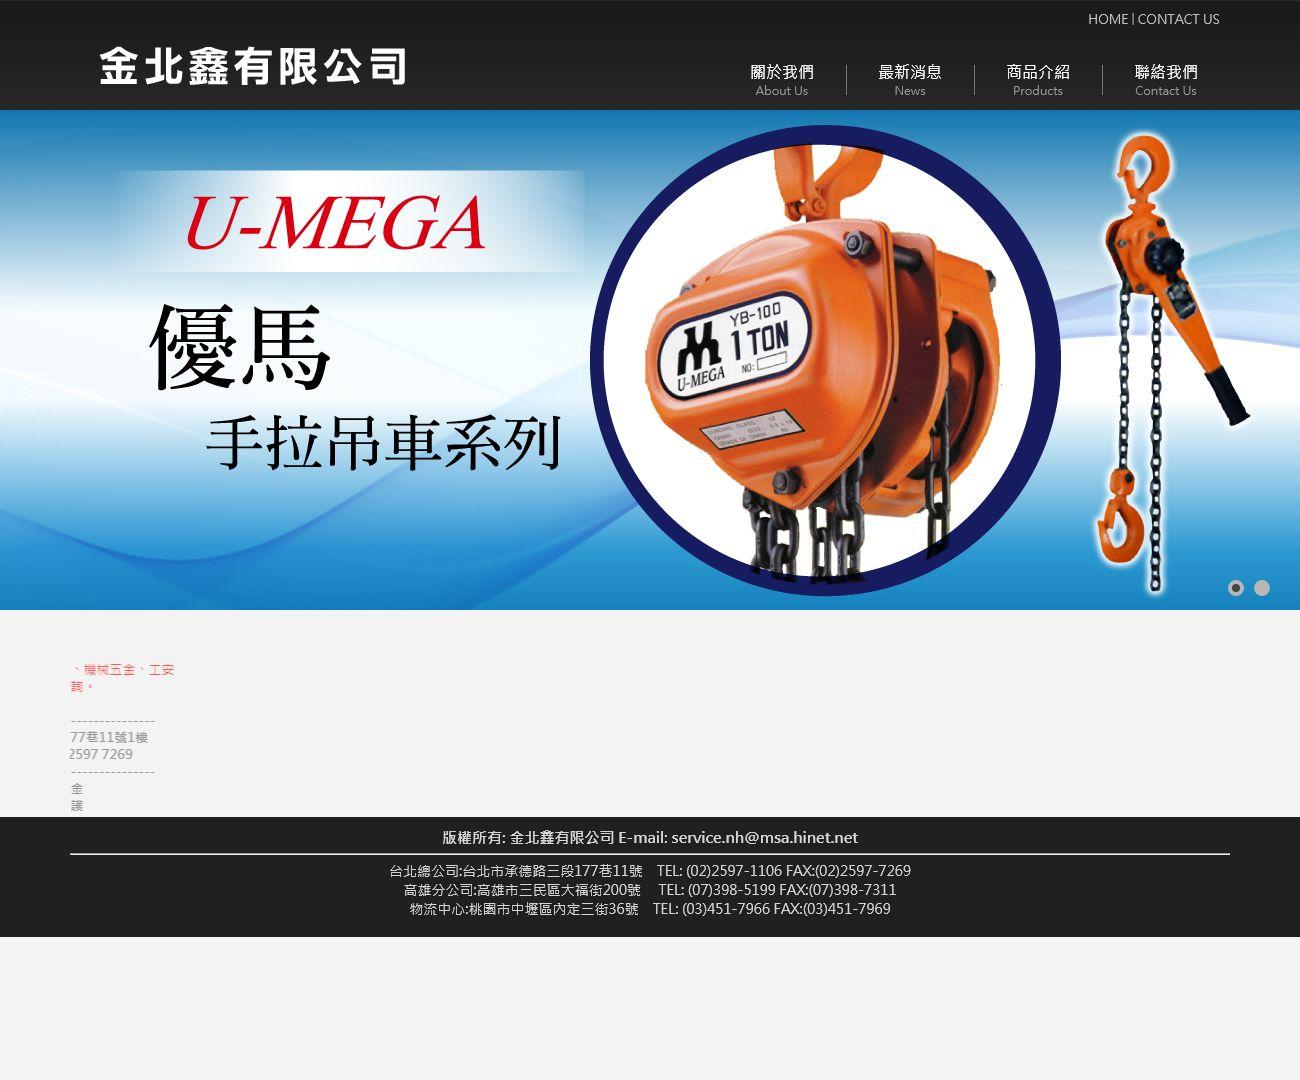 金北鑫有限公司 - Coccad.com